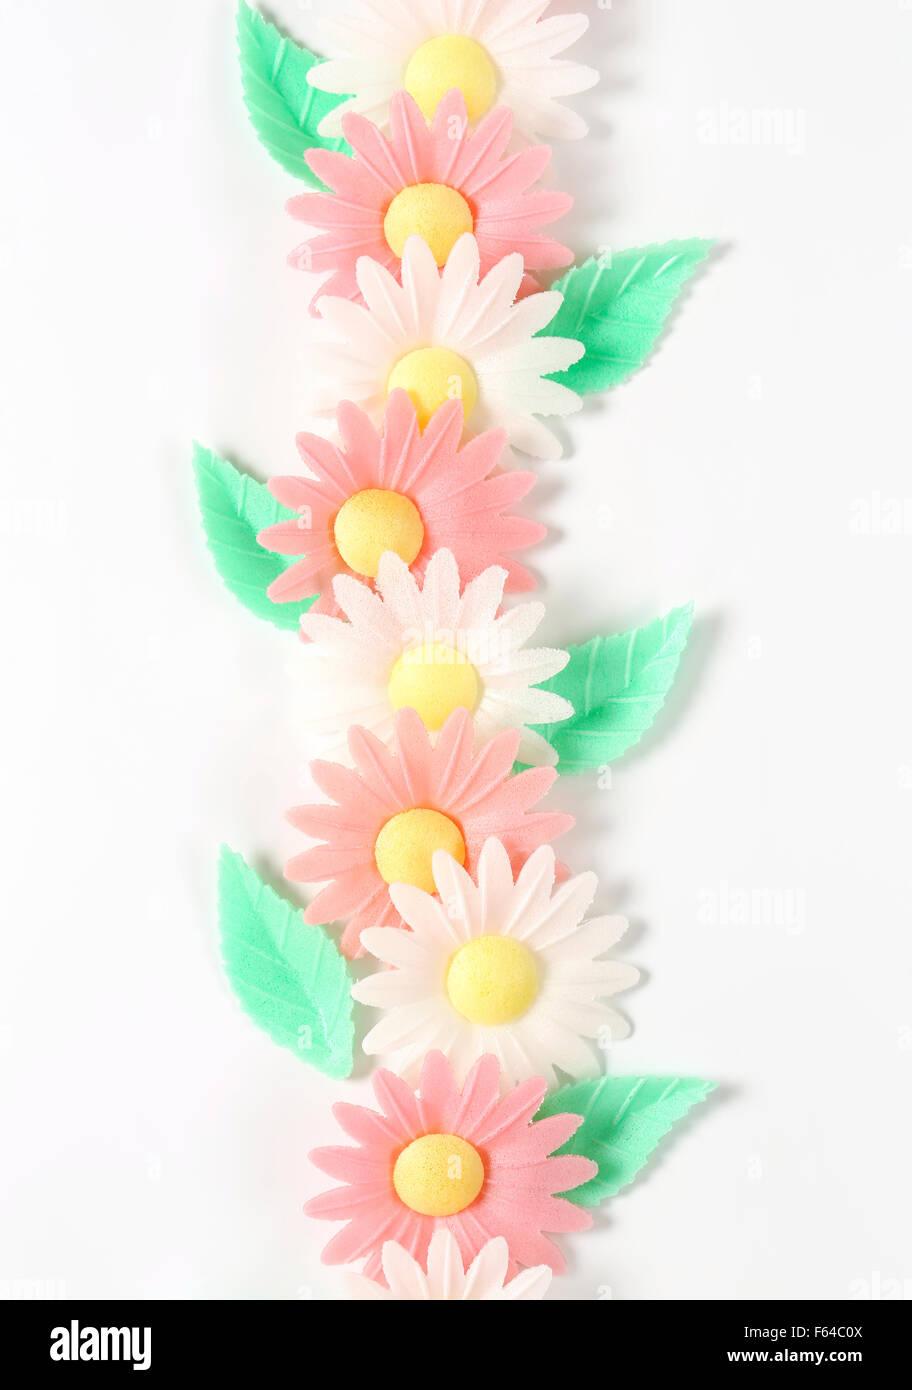 sugar flowers - eatable cake decoration on white background - Stock Image